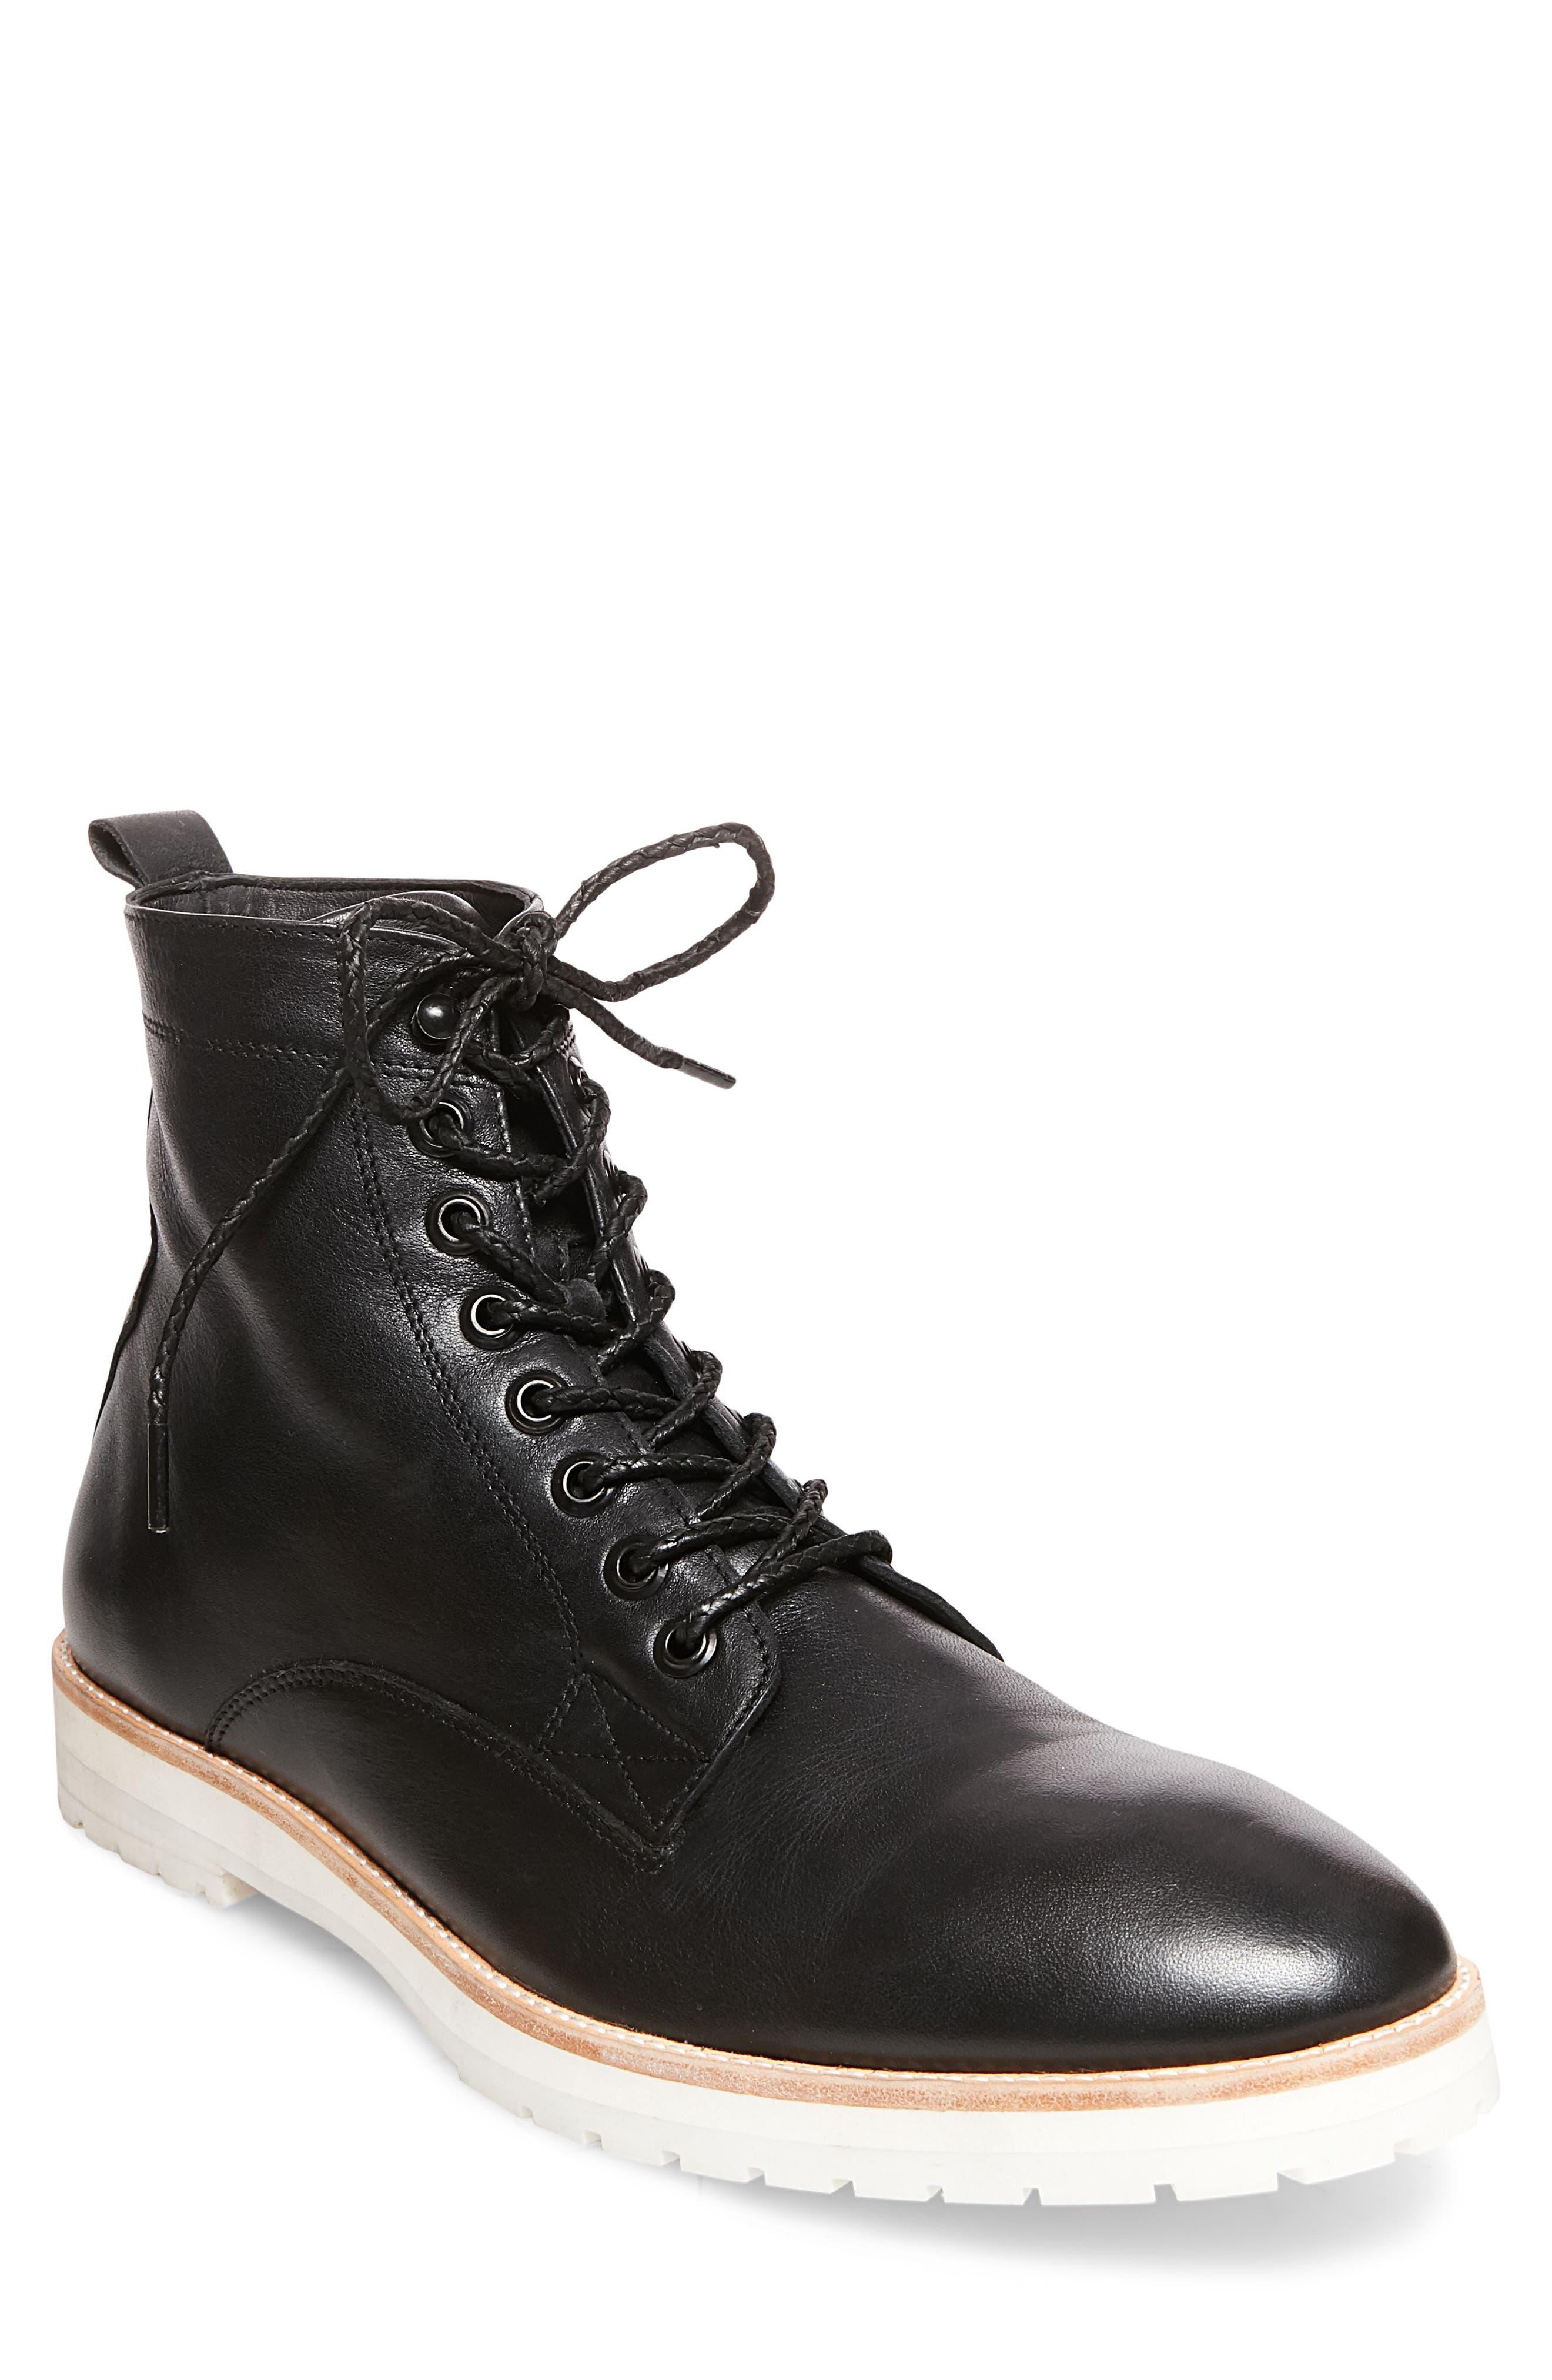 Steve Madden x GQ Andre Plain Toe Boot (Men)